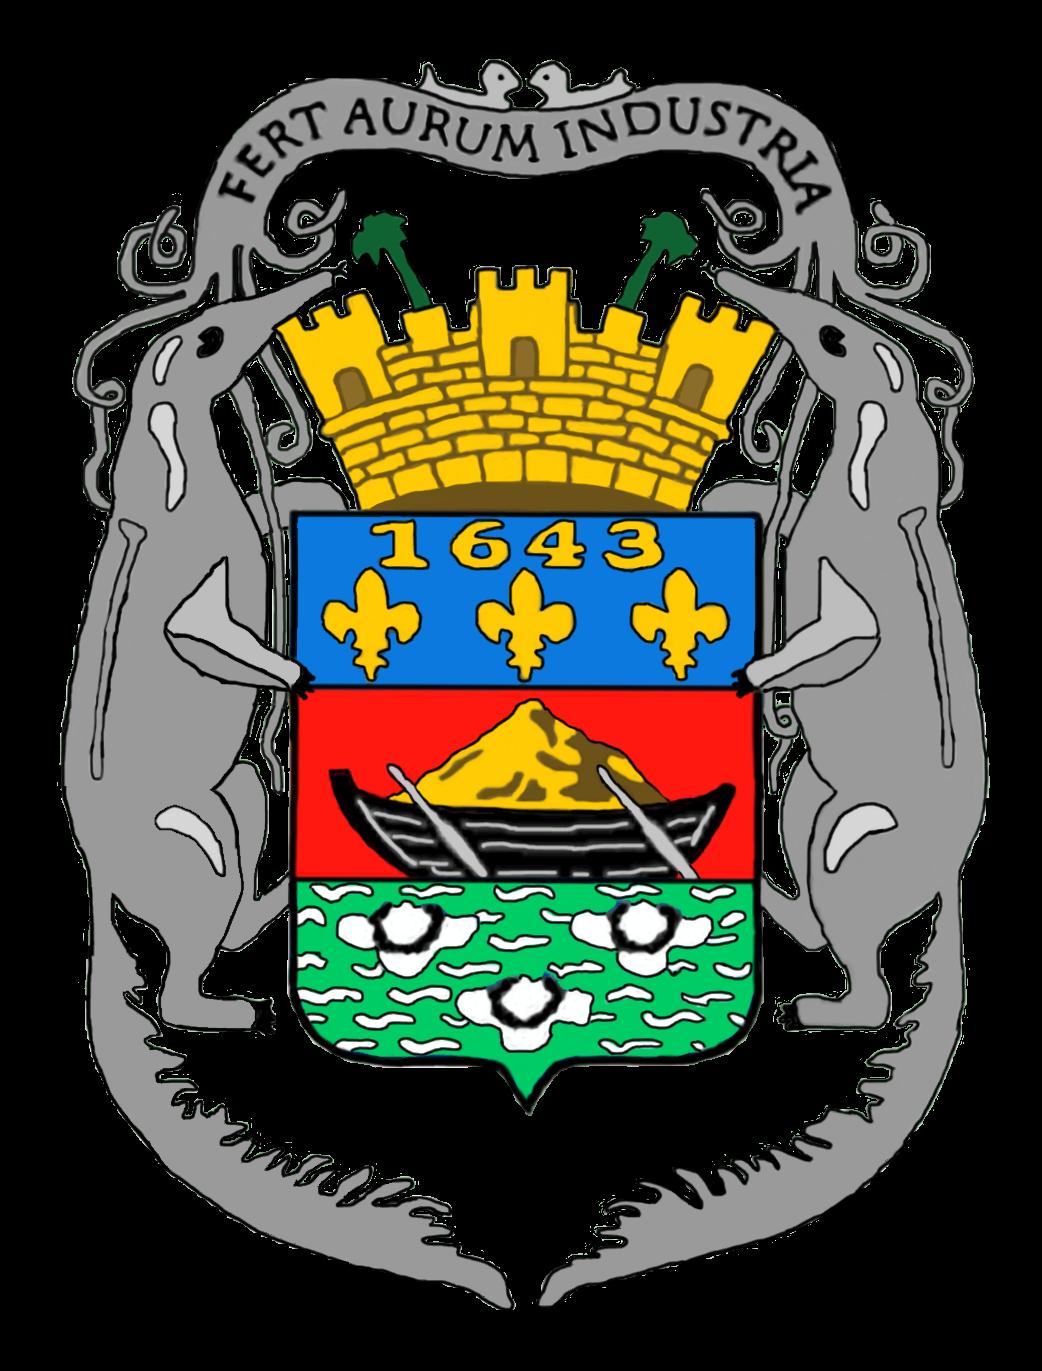 Escudo de Guayana Francesa - Wikipedia, la enciclopedia libre